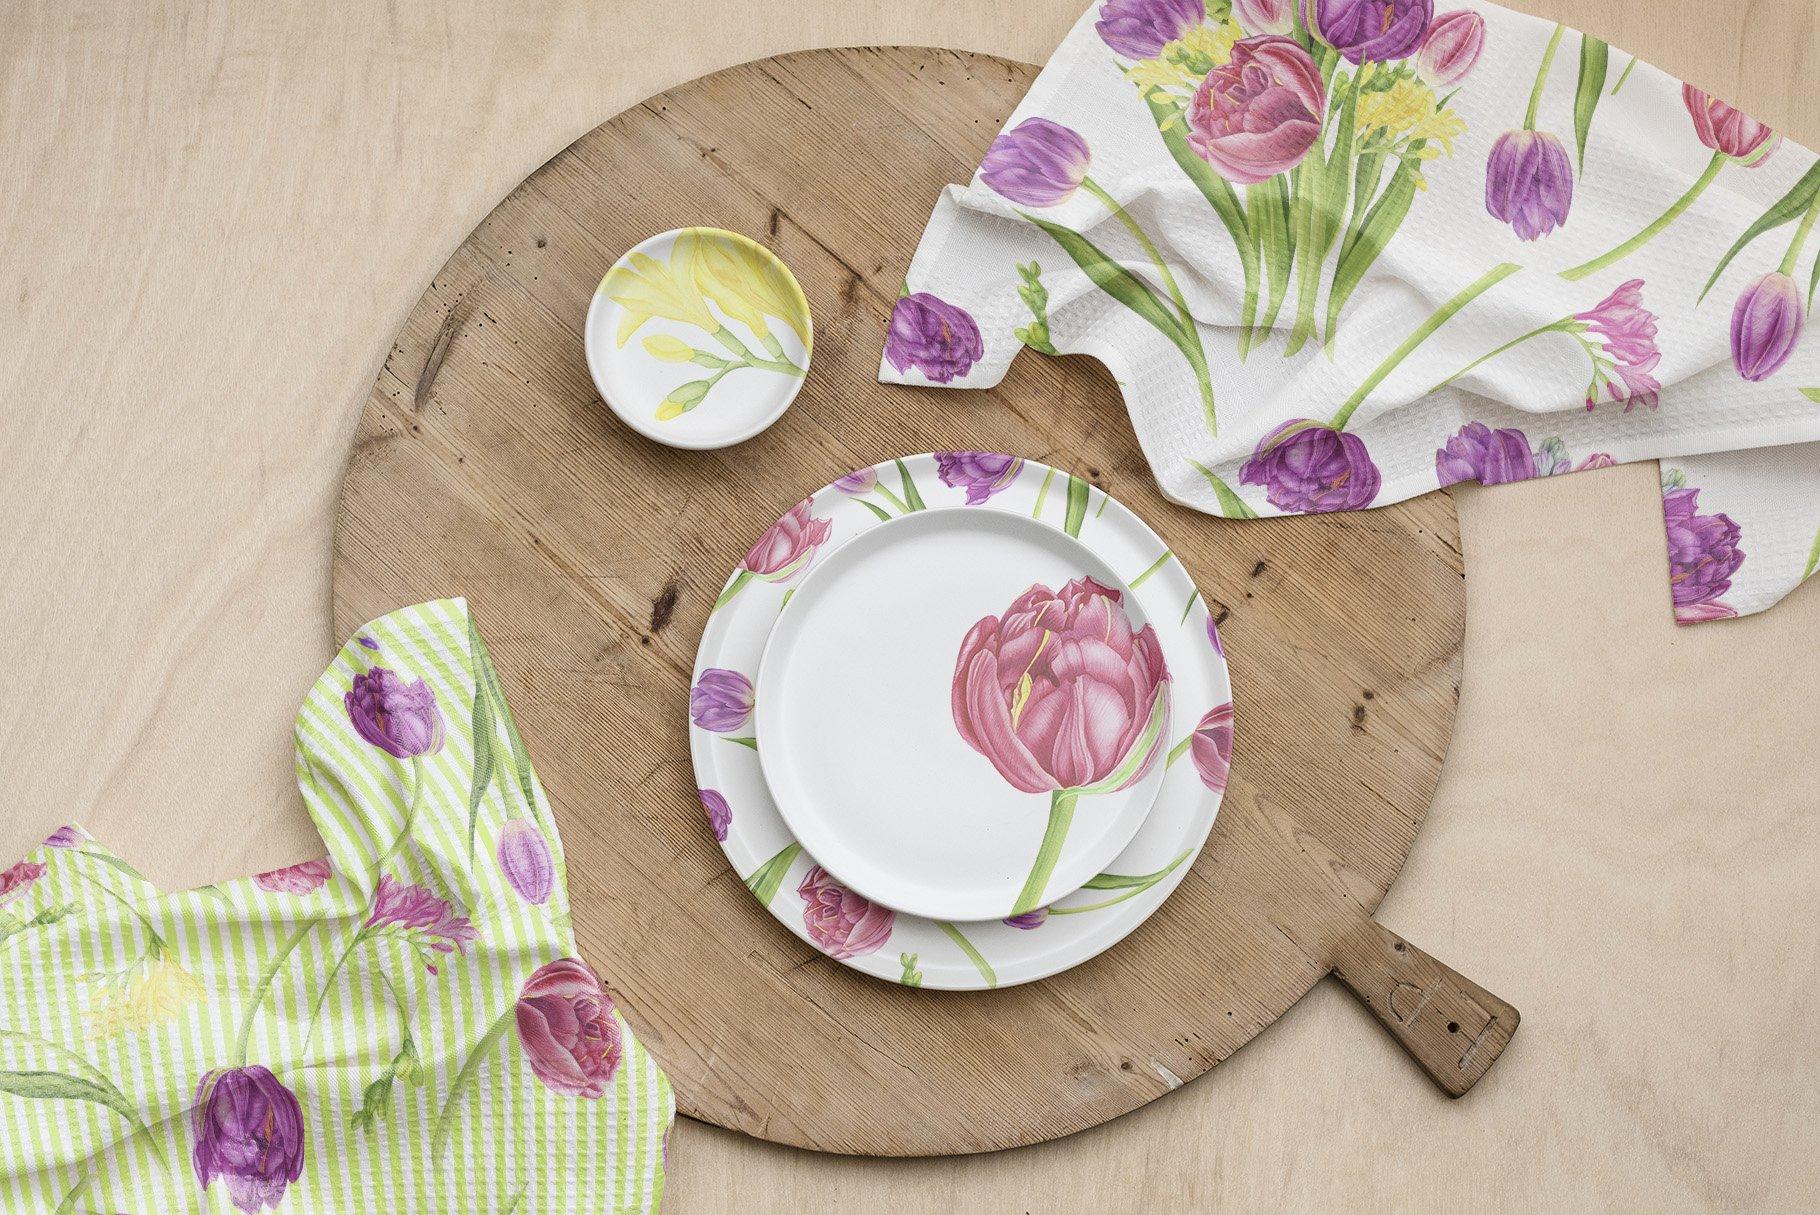 春天郁金香花卉手绘水彩插画集 Spring Flowers Watercolor Patterns插图(6)